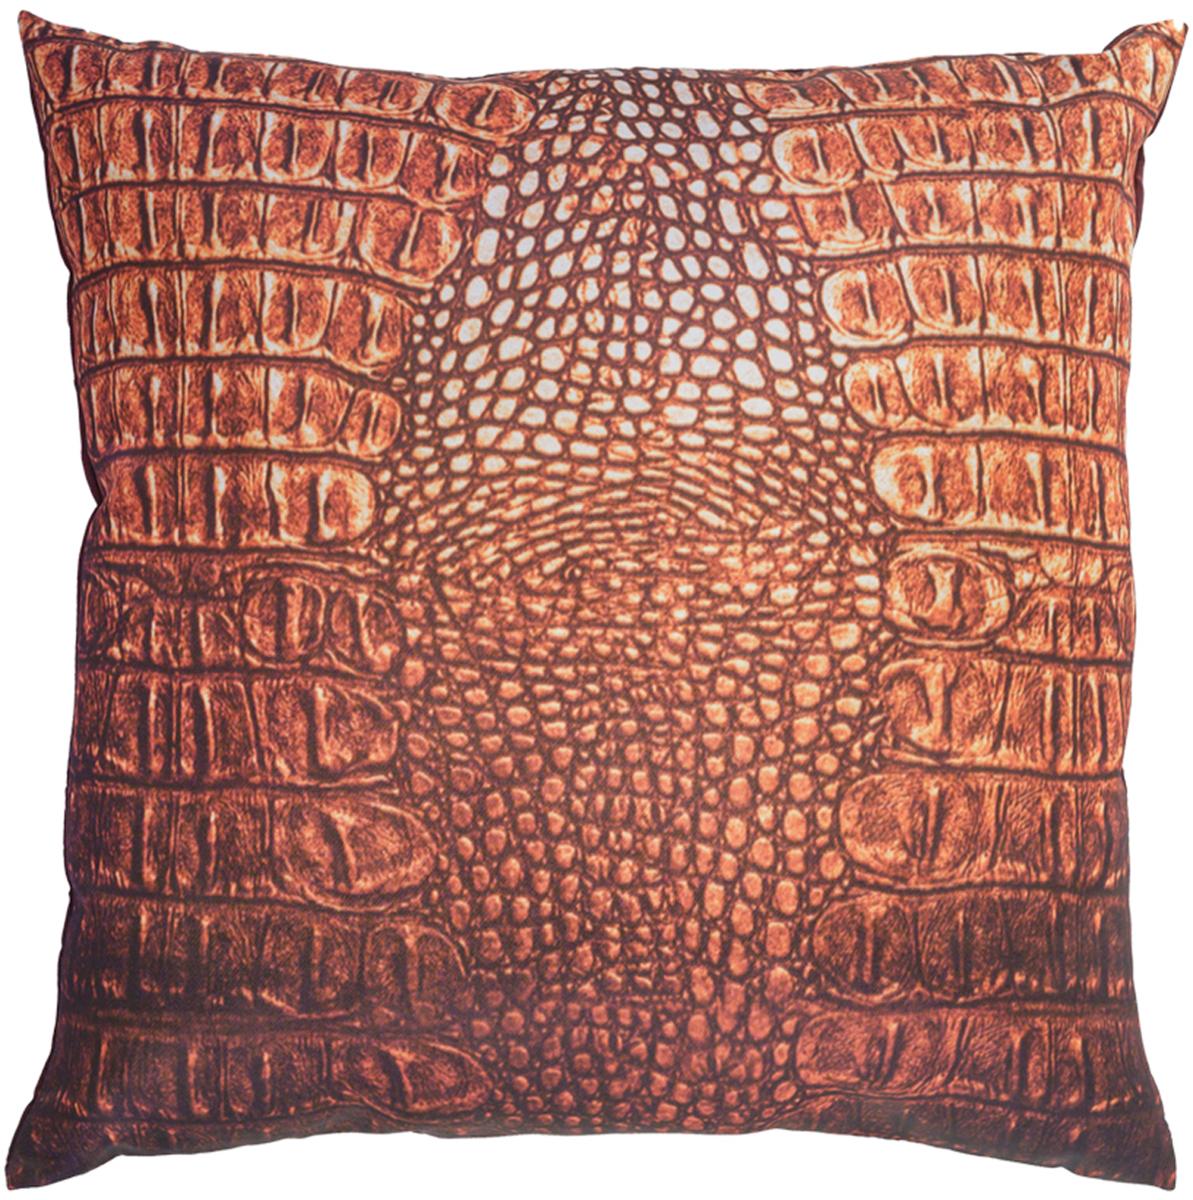 Подушка декоративная GiftnHome Крокодил, цвет: оранжевый, 35 х 35 смU110DFПодушка декоративная GiftnHome Крокодил прекрасно дополнит интерьер спальни или гостиной. Чехол подушки выполнен из атласа (искусственный шелк) и оформлен изысканным орнаментом. В качестве наполнителя используется мягкий холлофайбер. Чехол снабжен потайной застежкой-молнией, благодаря чему его легко можно снять и постирать. Красивая подушка создаст атмосферу уюта в доме и станет прекрасным элементом декора.